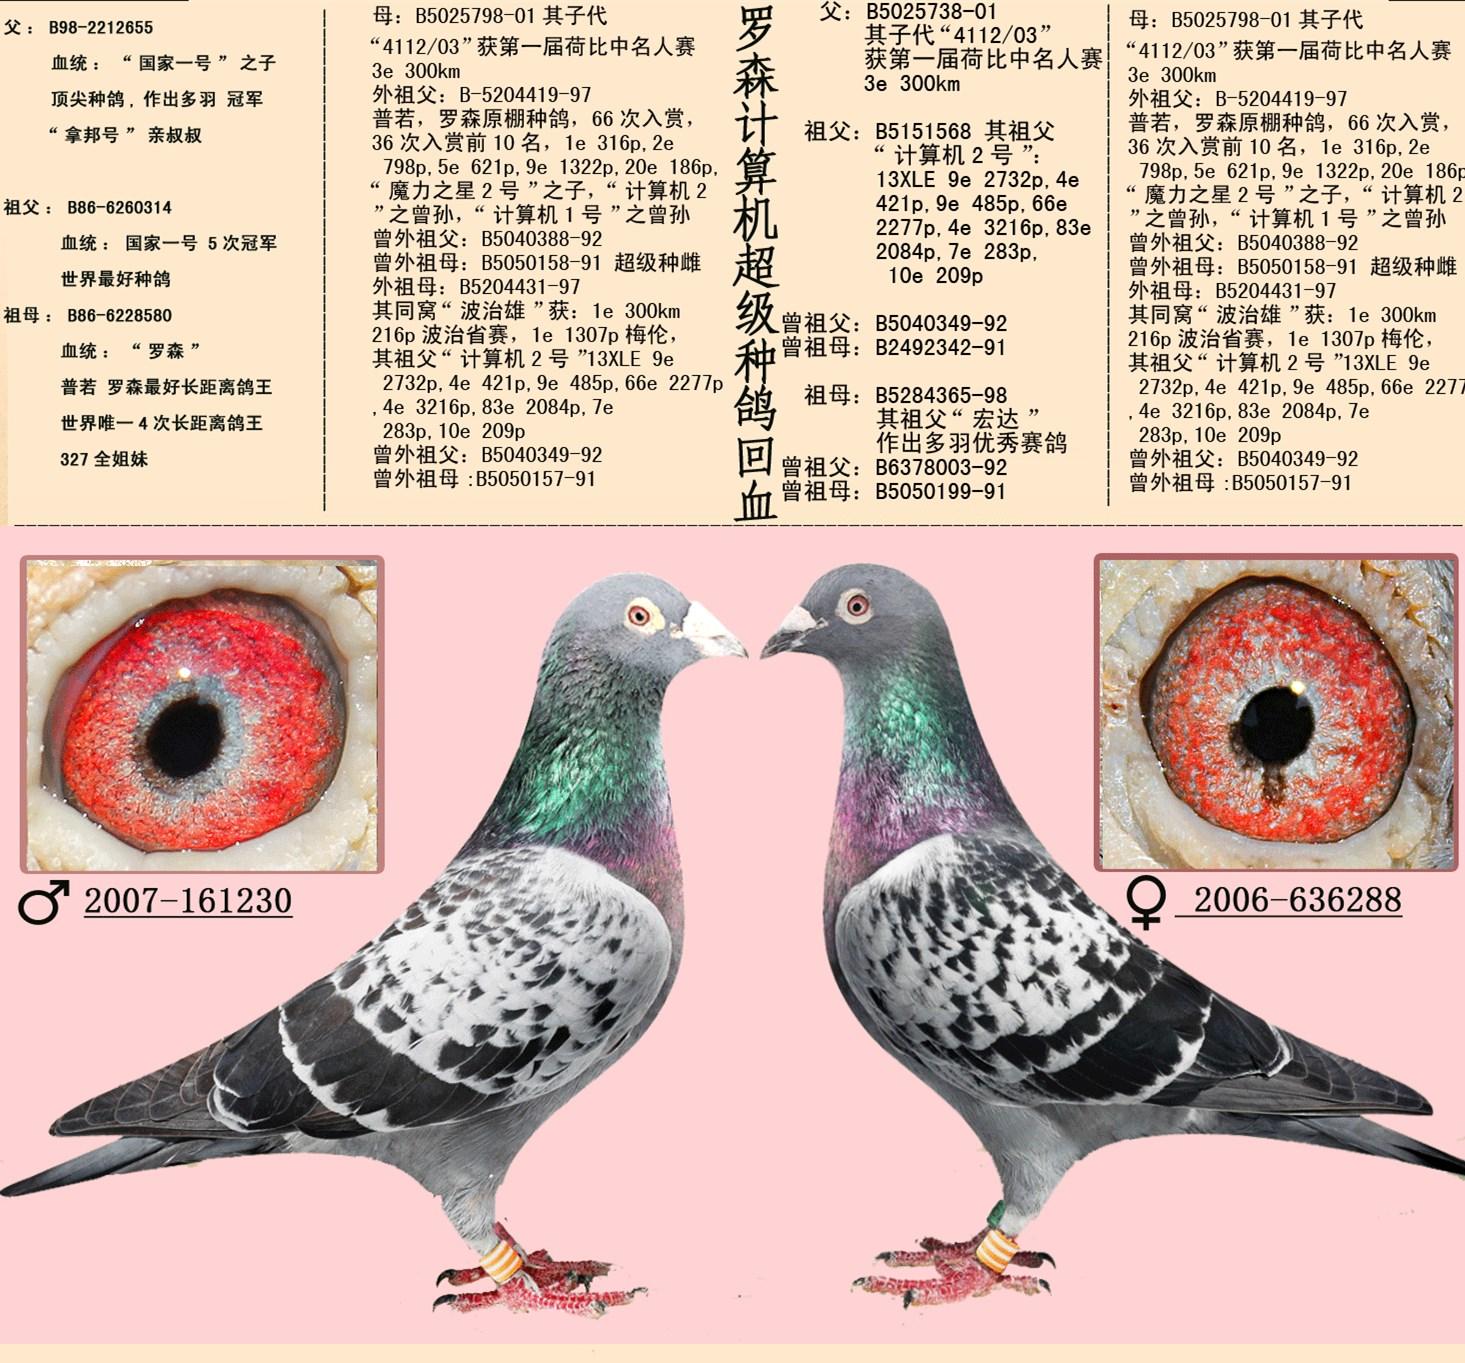 罗森计算机超级种鸽回血_副本.jpg